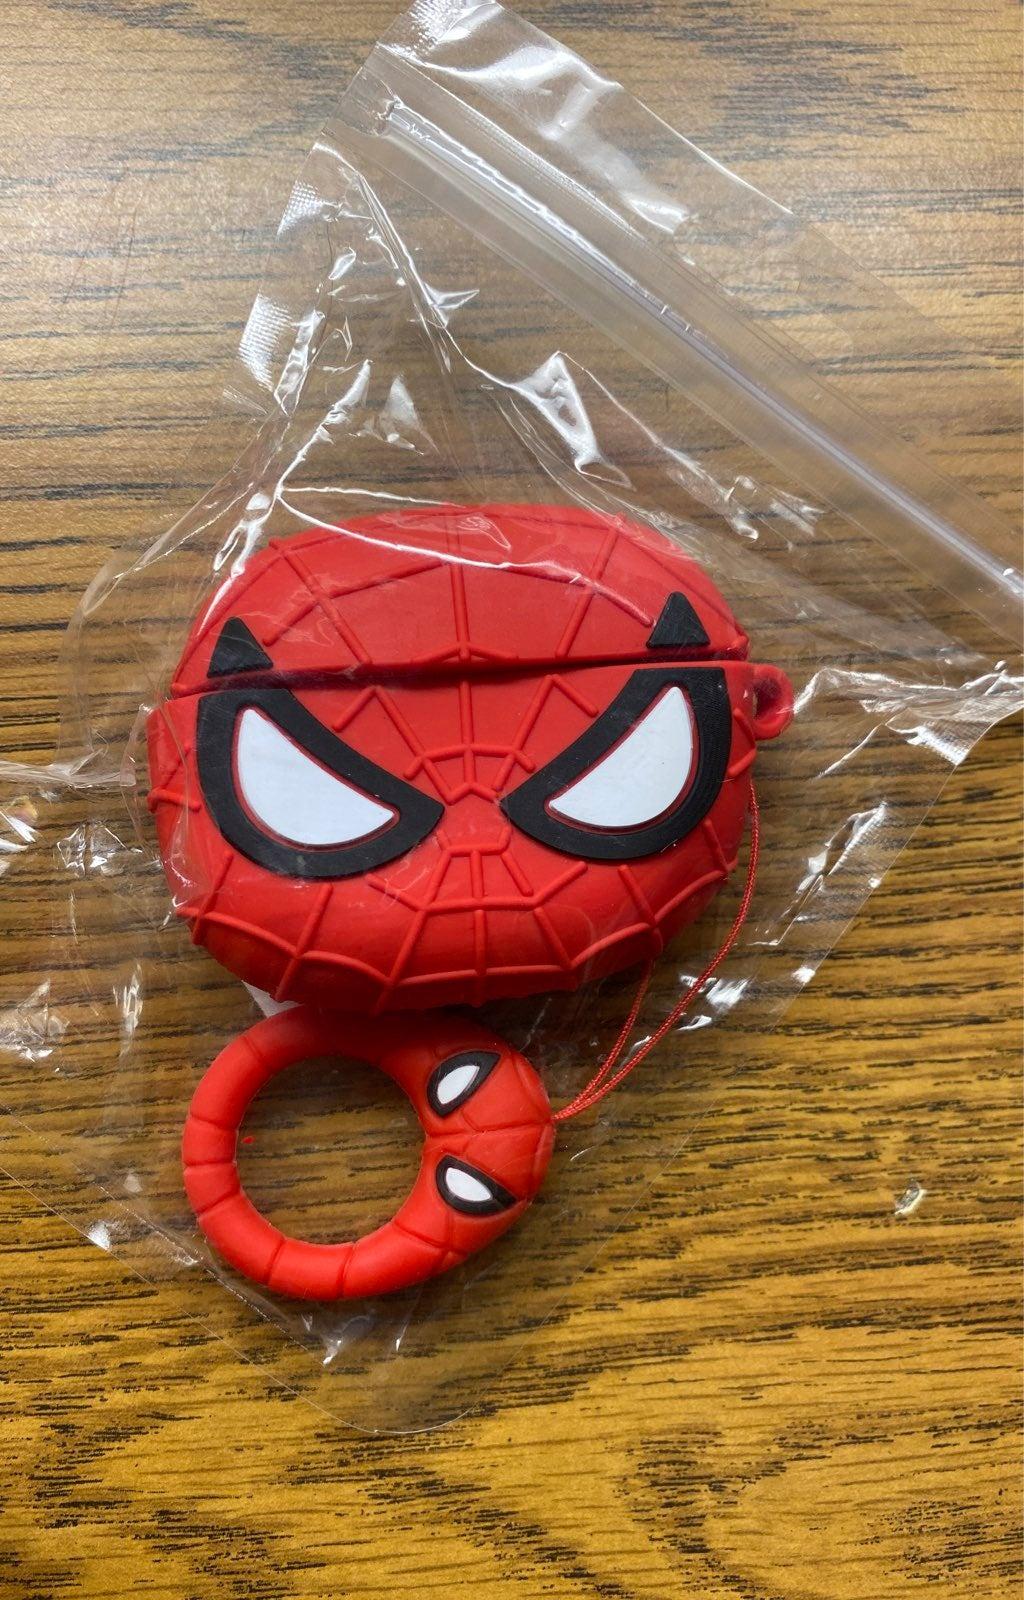 Spiderman Airpod Pro Case